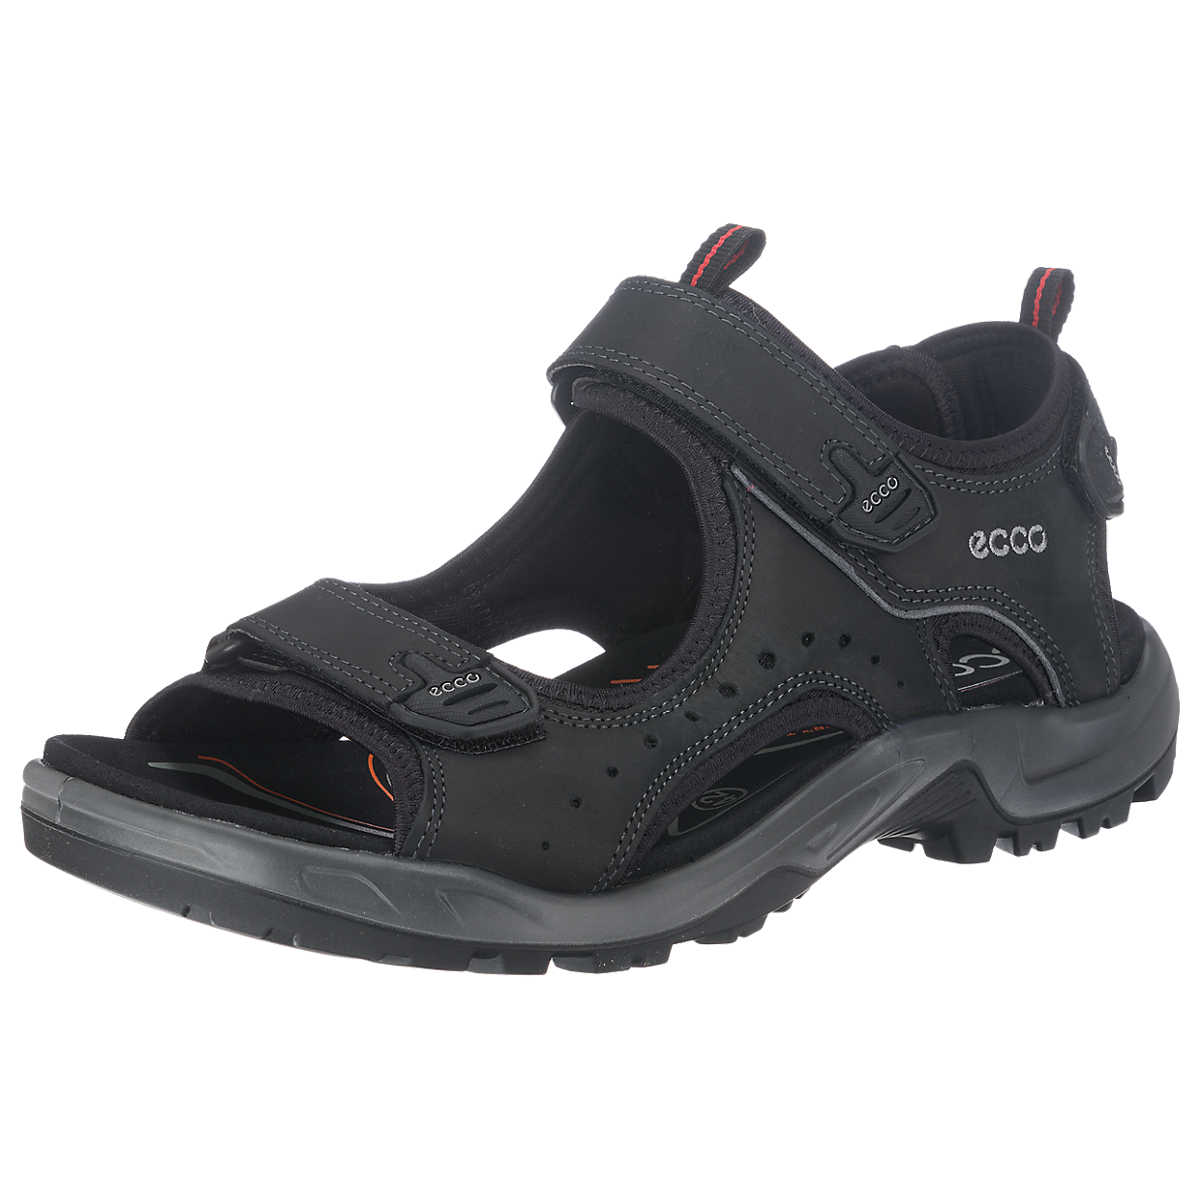 ecco Offroad Sandalen schwarz - ecco - Sandalen - Schuhe - mirapodo.de